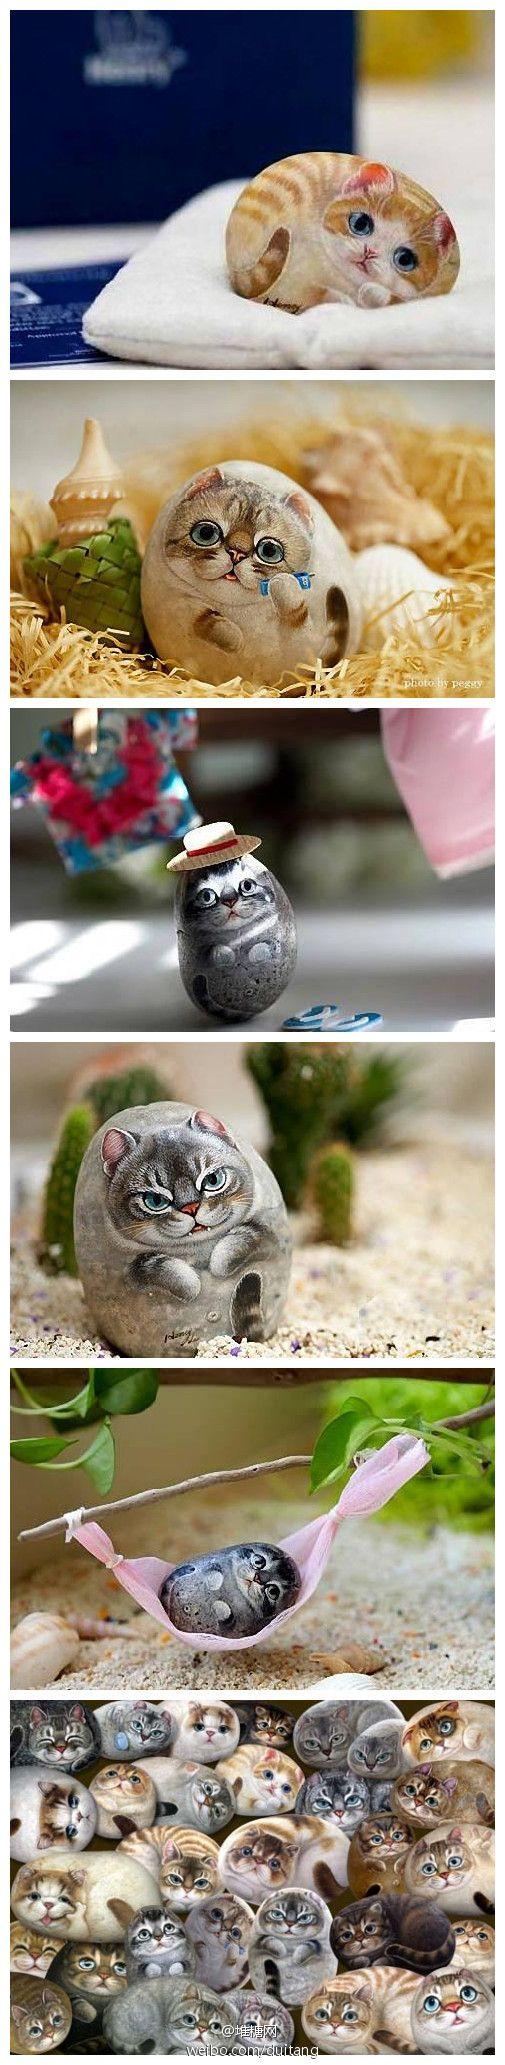 Gatos, gatos realistas de piedra de piedra artista taiwanés Li maestro Hongxiang original del arte de piedra pintada, el gesto de gato fino natural representado en piedra. Especialmente los ojos de gato, el material de pigmento hizo desarrollado específicamente. Diferente cada animal el nombre, la raza, la actitud, divertido, lindo.